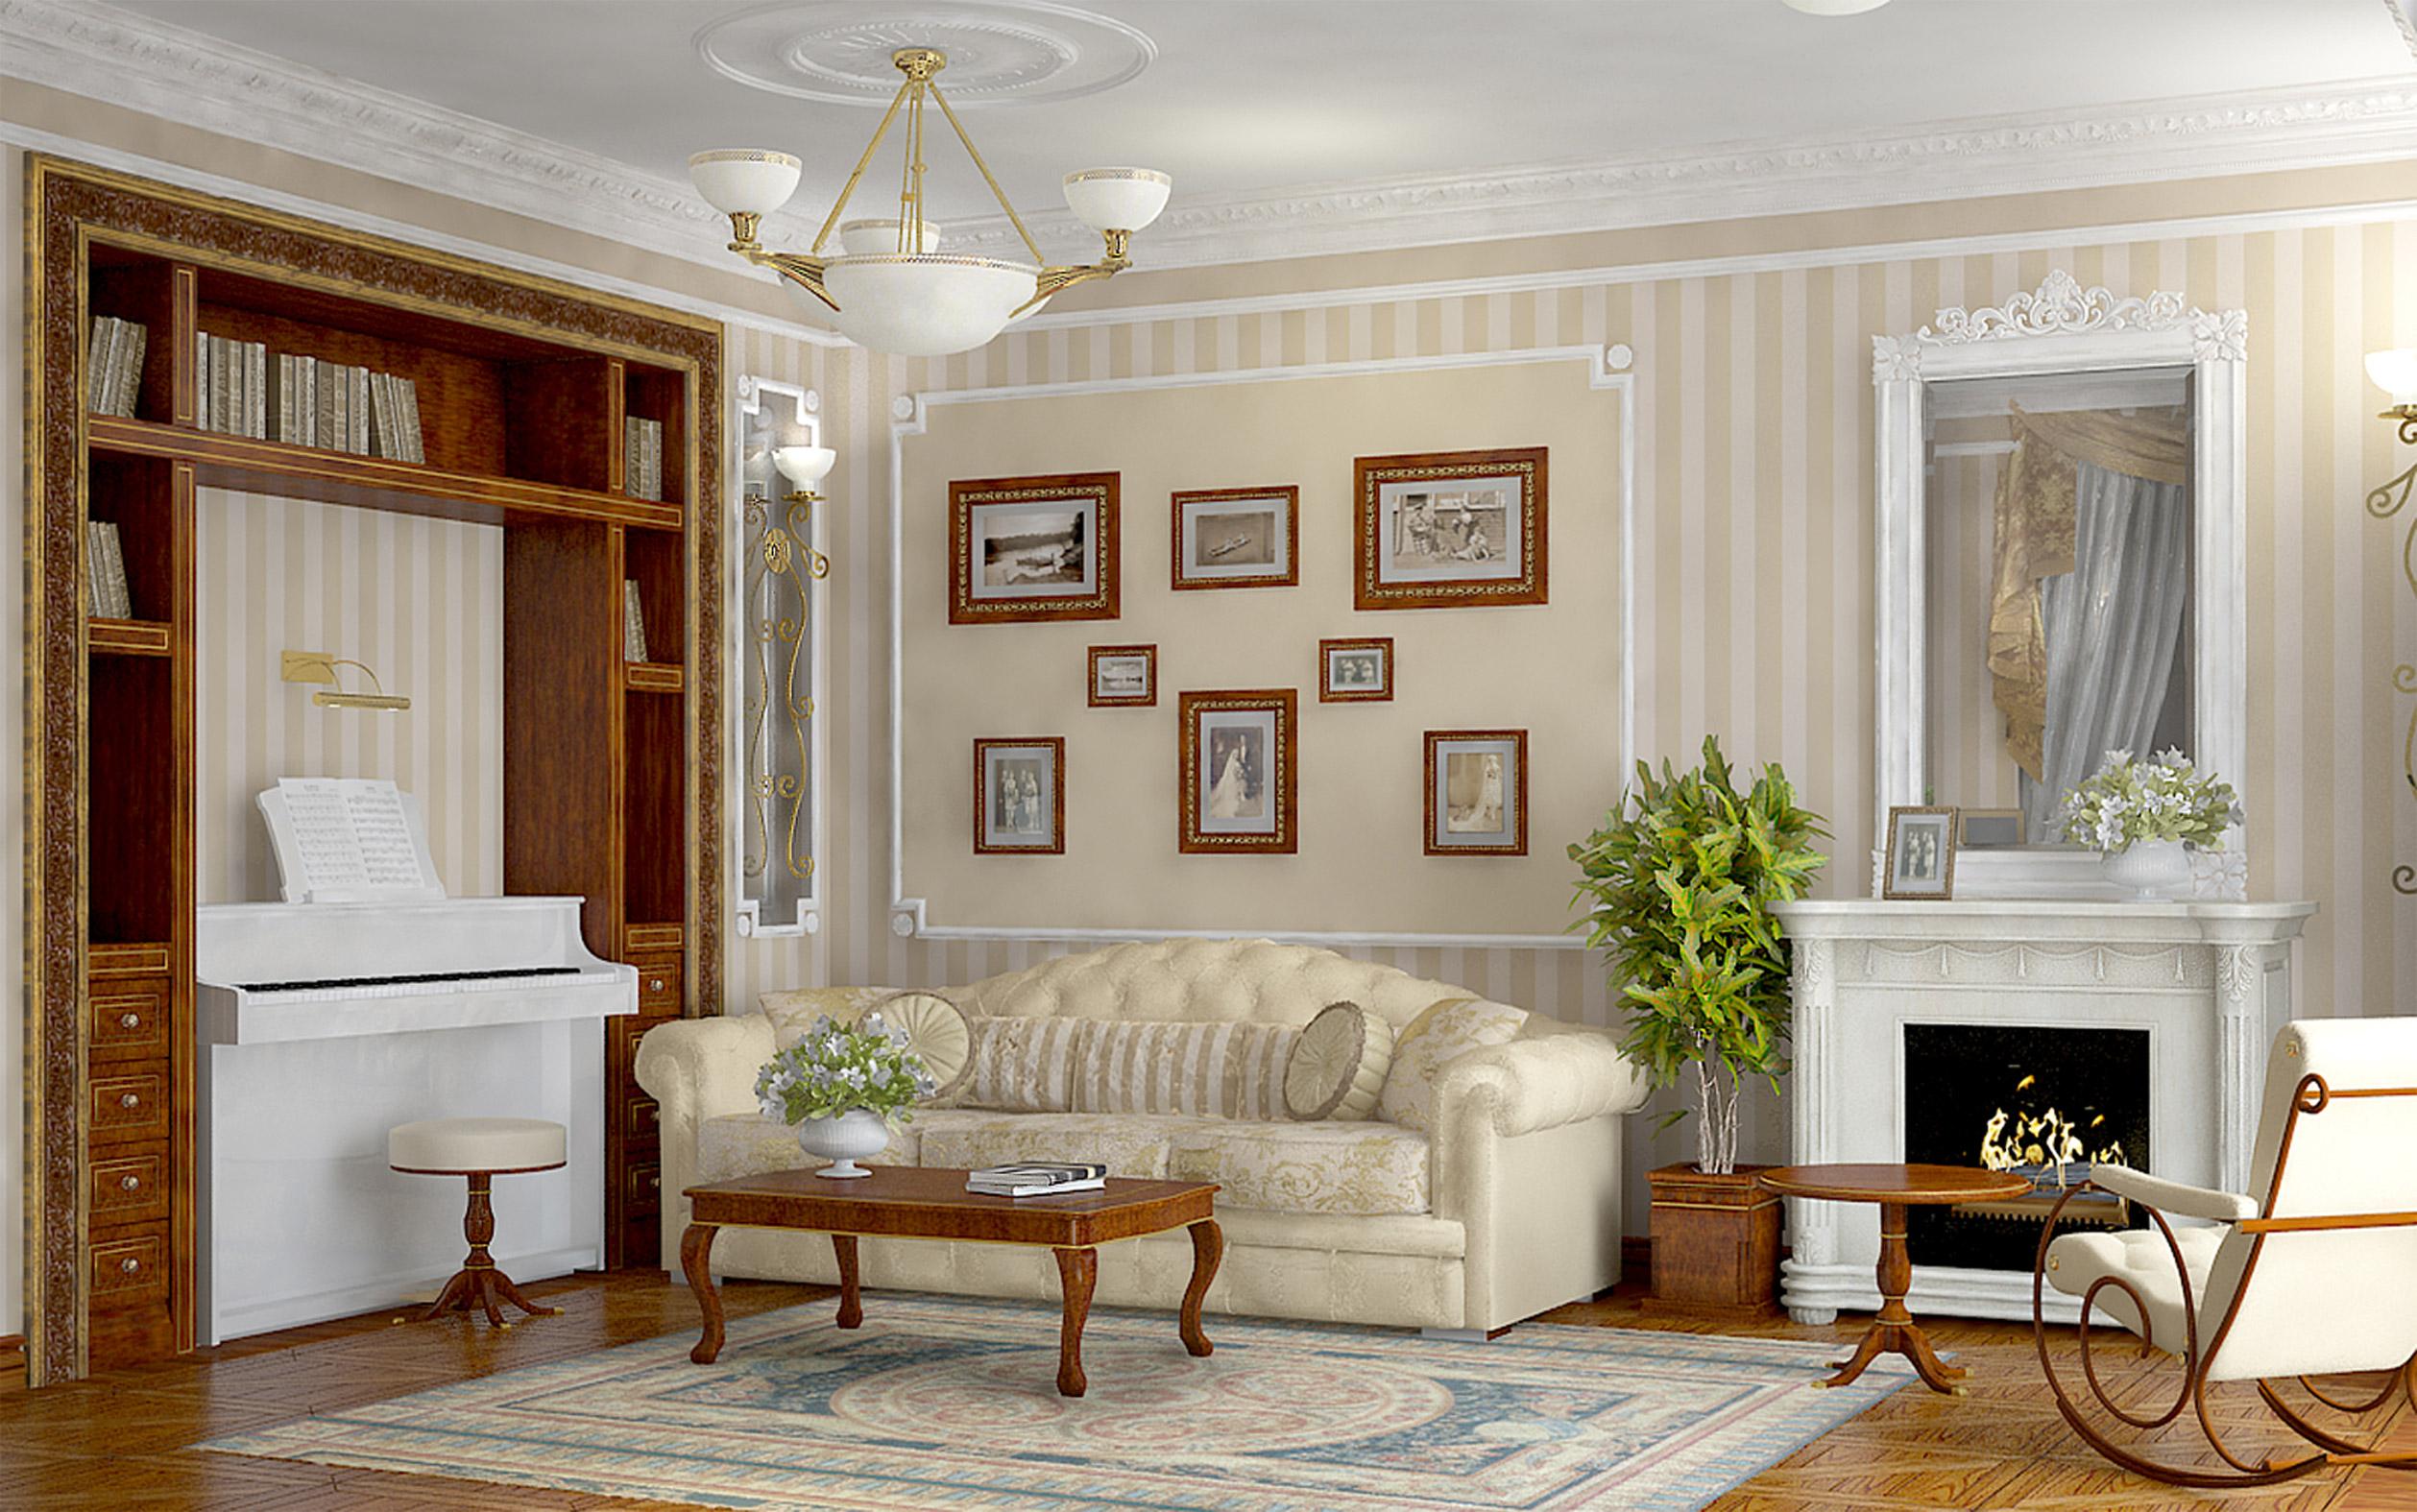 Строительство домов и коттеджей в Киеве и Киевской области